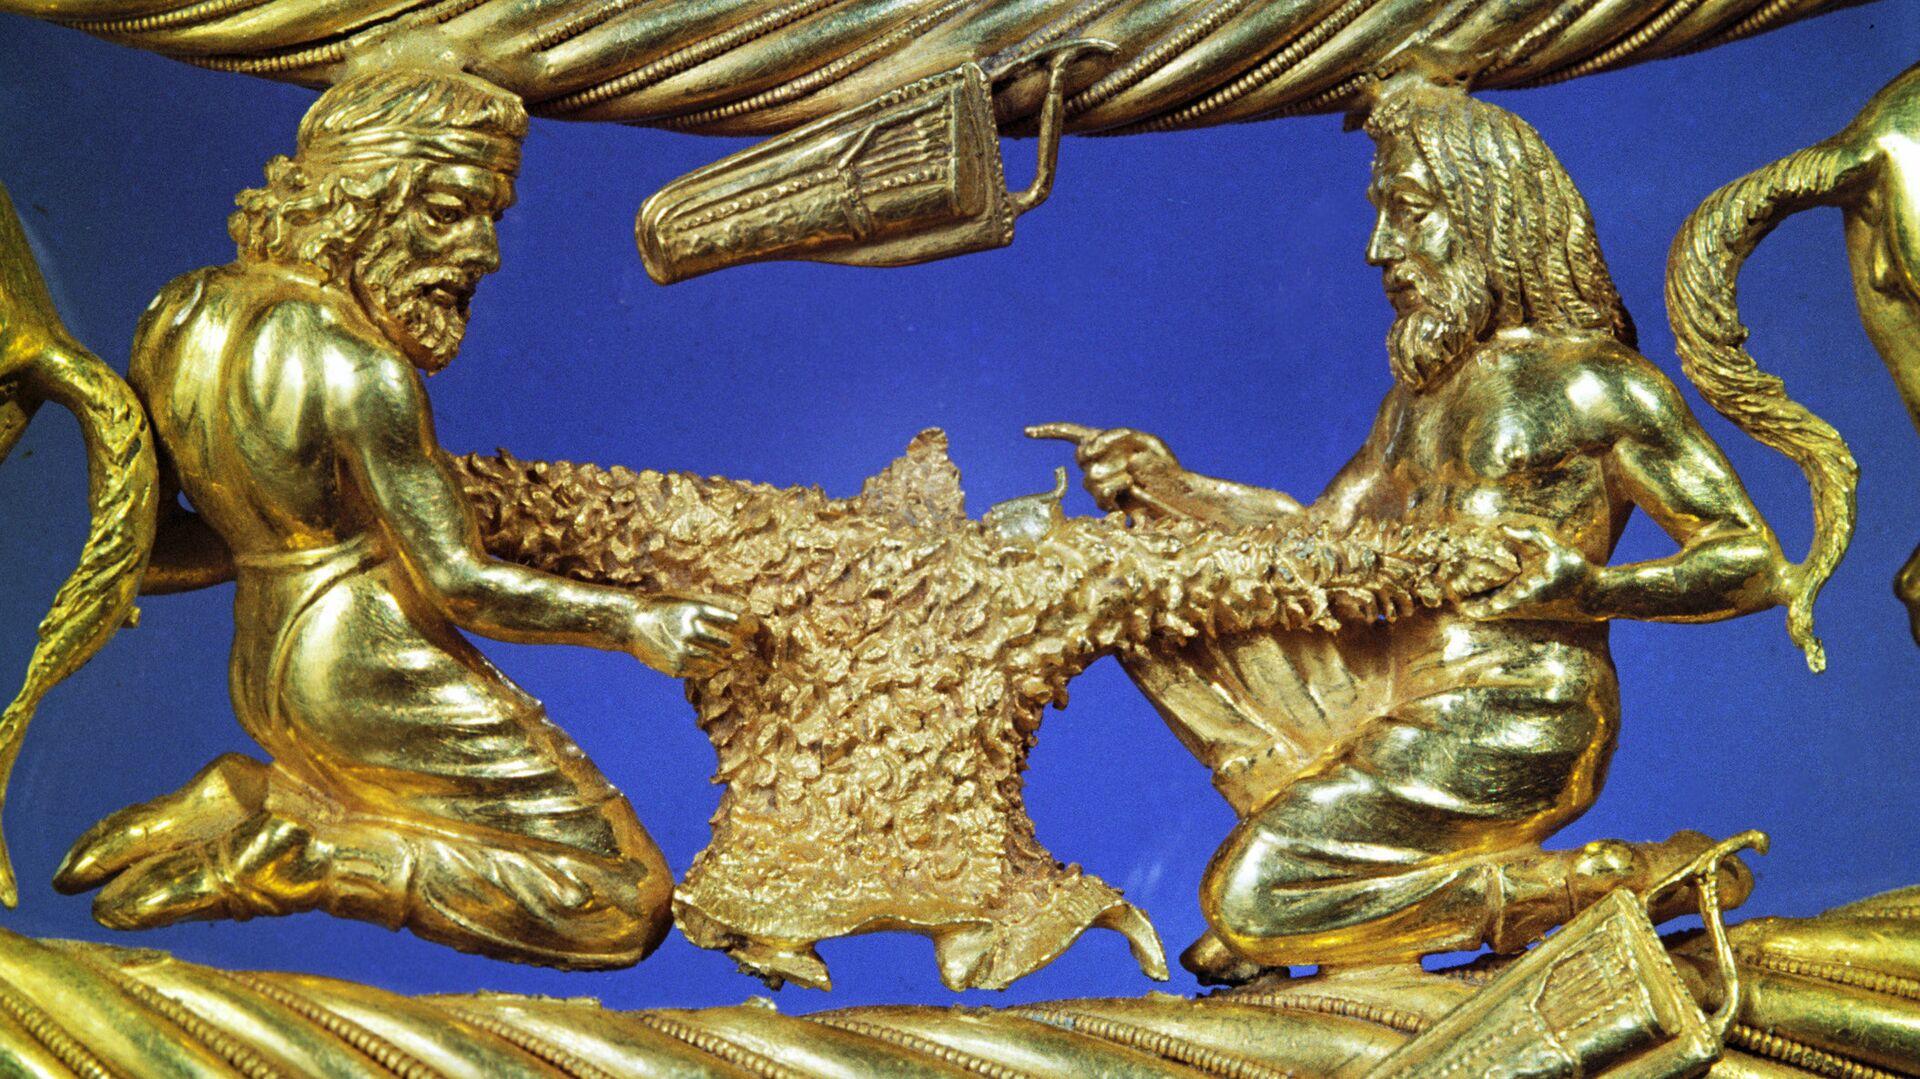 Фрагмент верхнего яруса золотой пекторали (нагрудное украшение). Архивное фото - РИА Новости, 1920, 22.11.2020